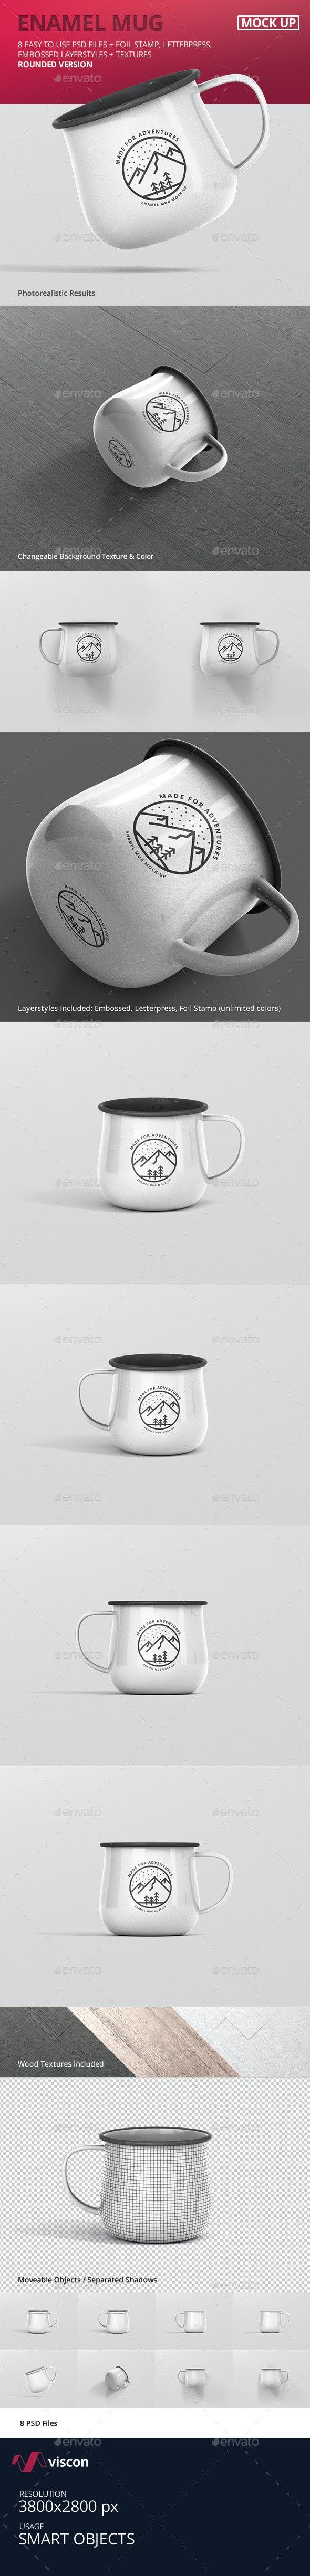 Round Enamel Mug Mockup - Logo Product Mock-Ups